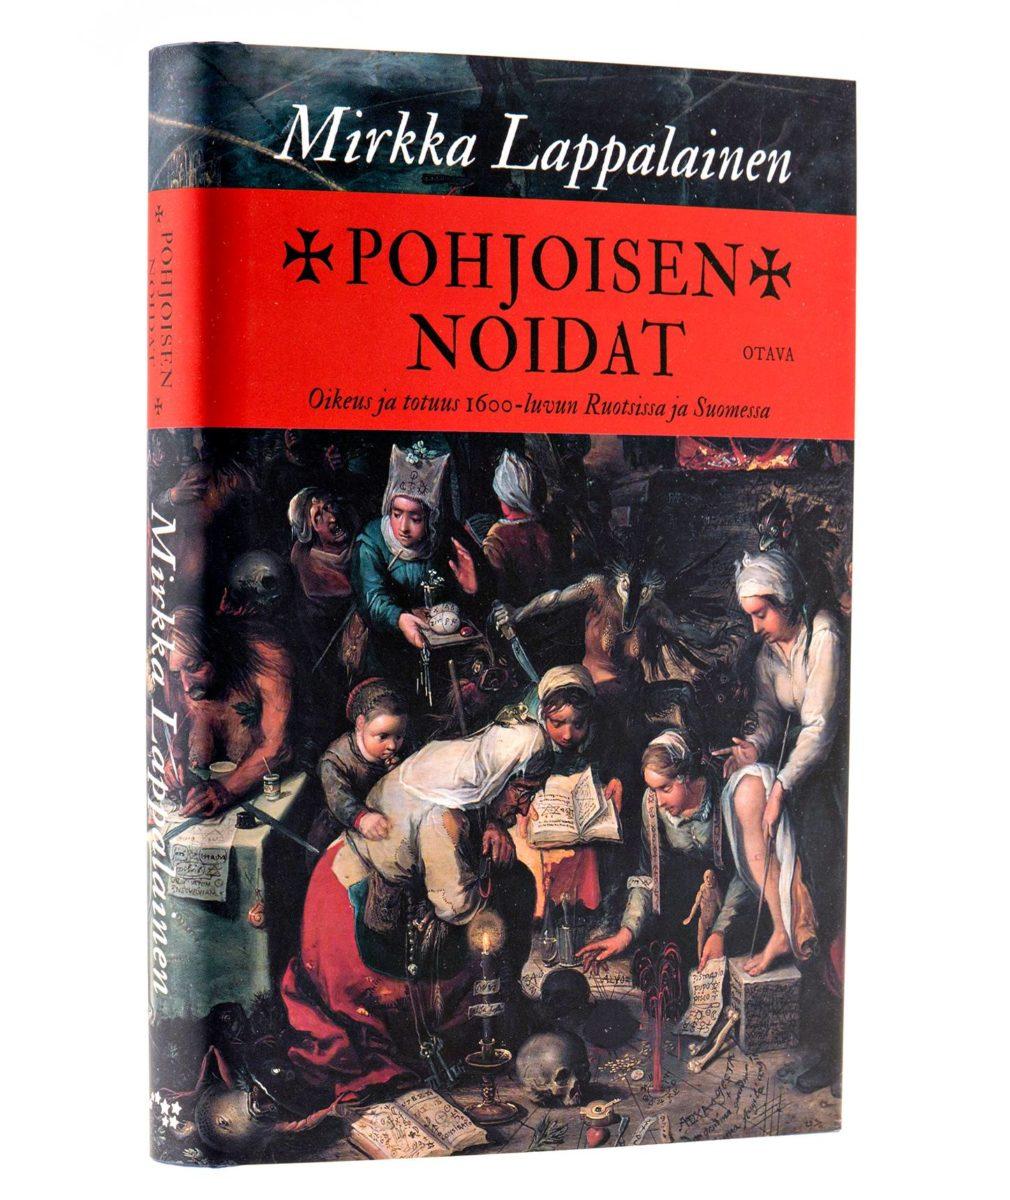 Mirkka Lappalainen: Pohjoisen noidat. Oikeus ja totuus 1600-luvun Ruotsissa ja Suomessa. 317 s. Otava, 2018.